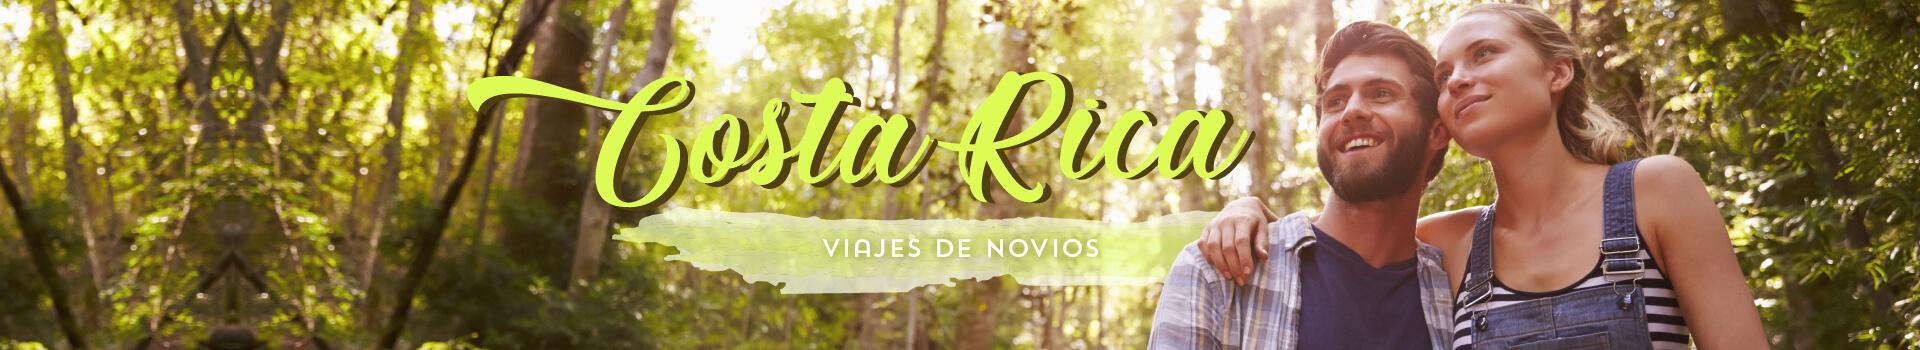 Viajes de novios Costa Rica 2020